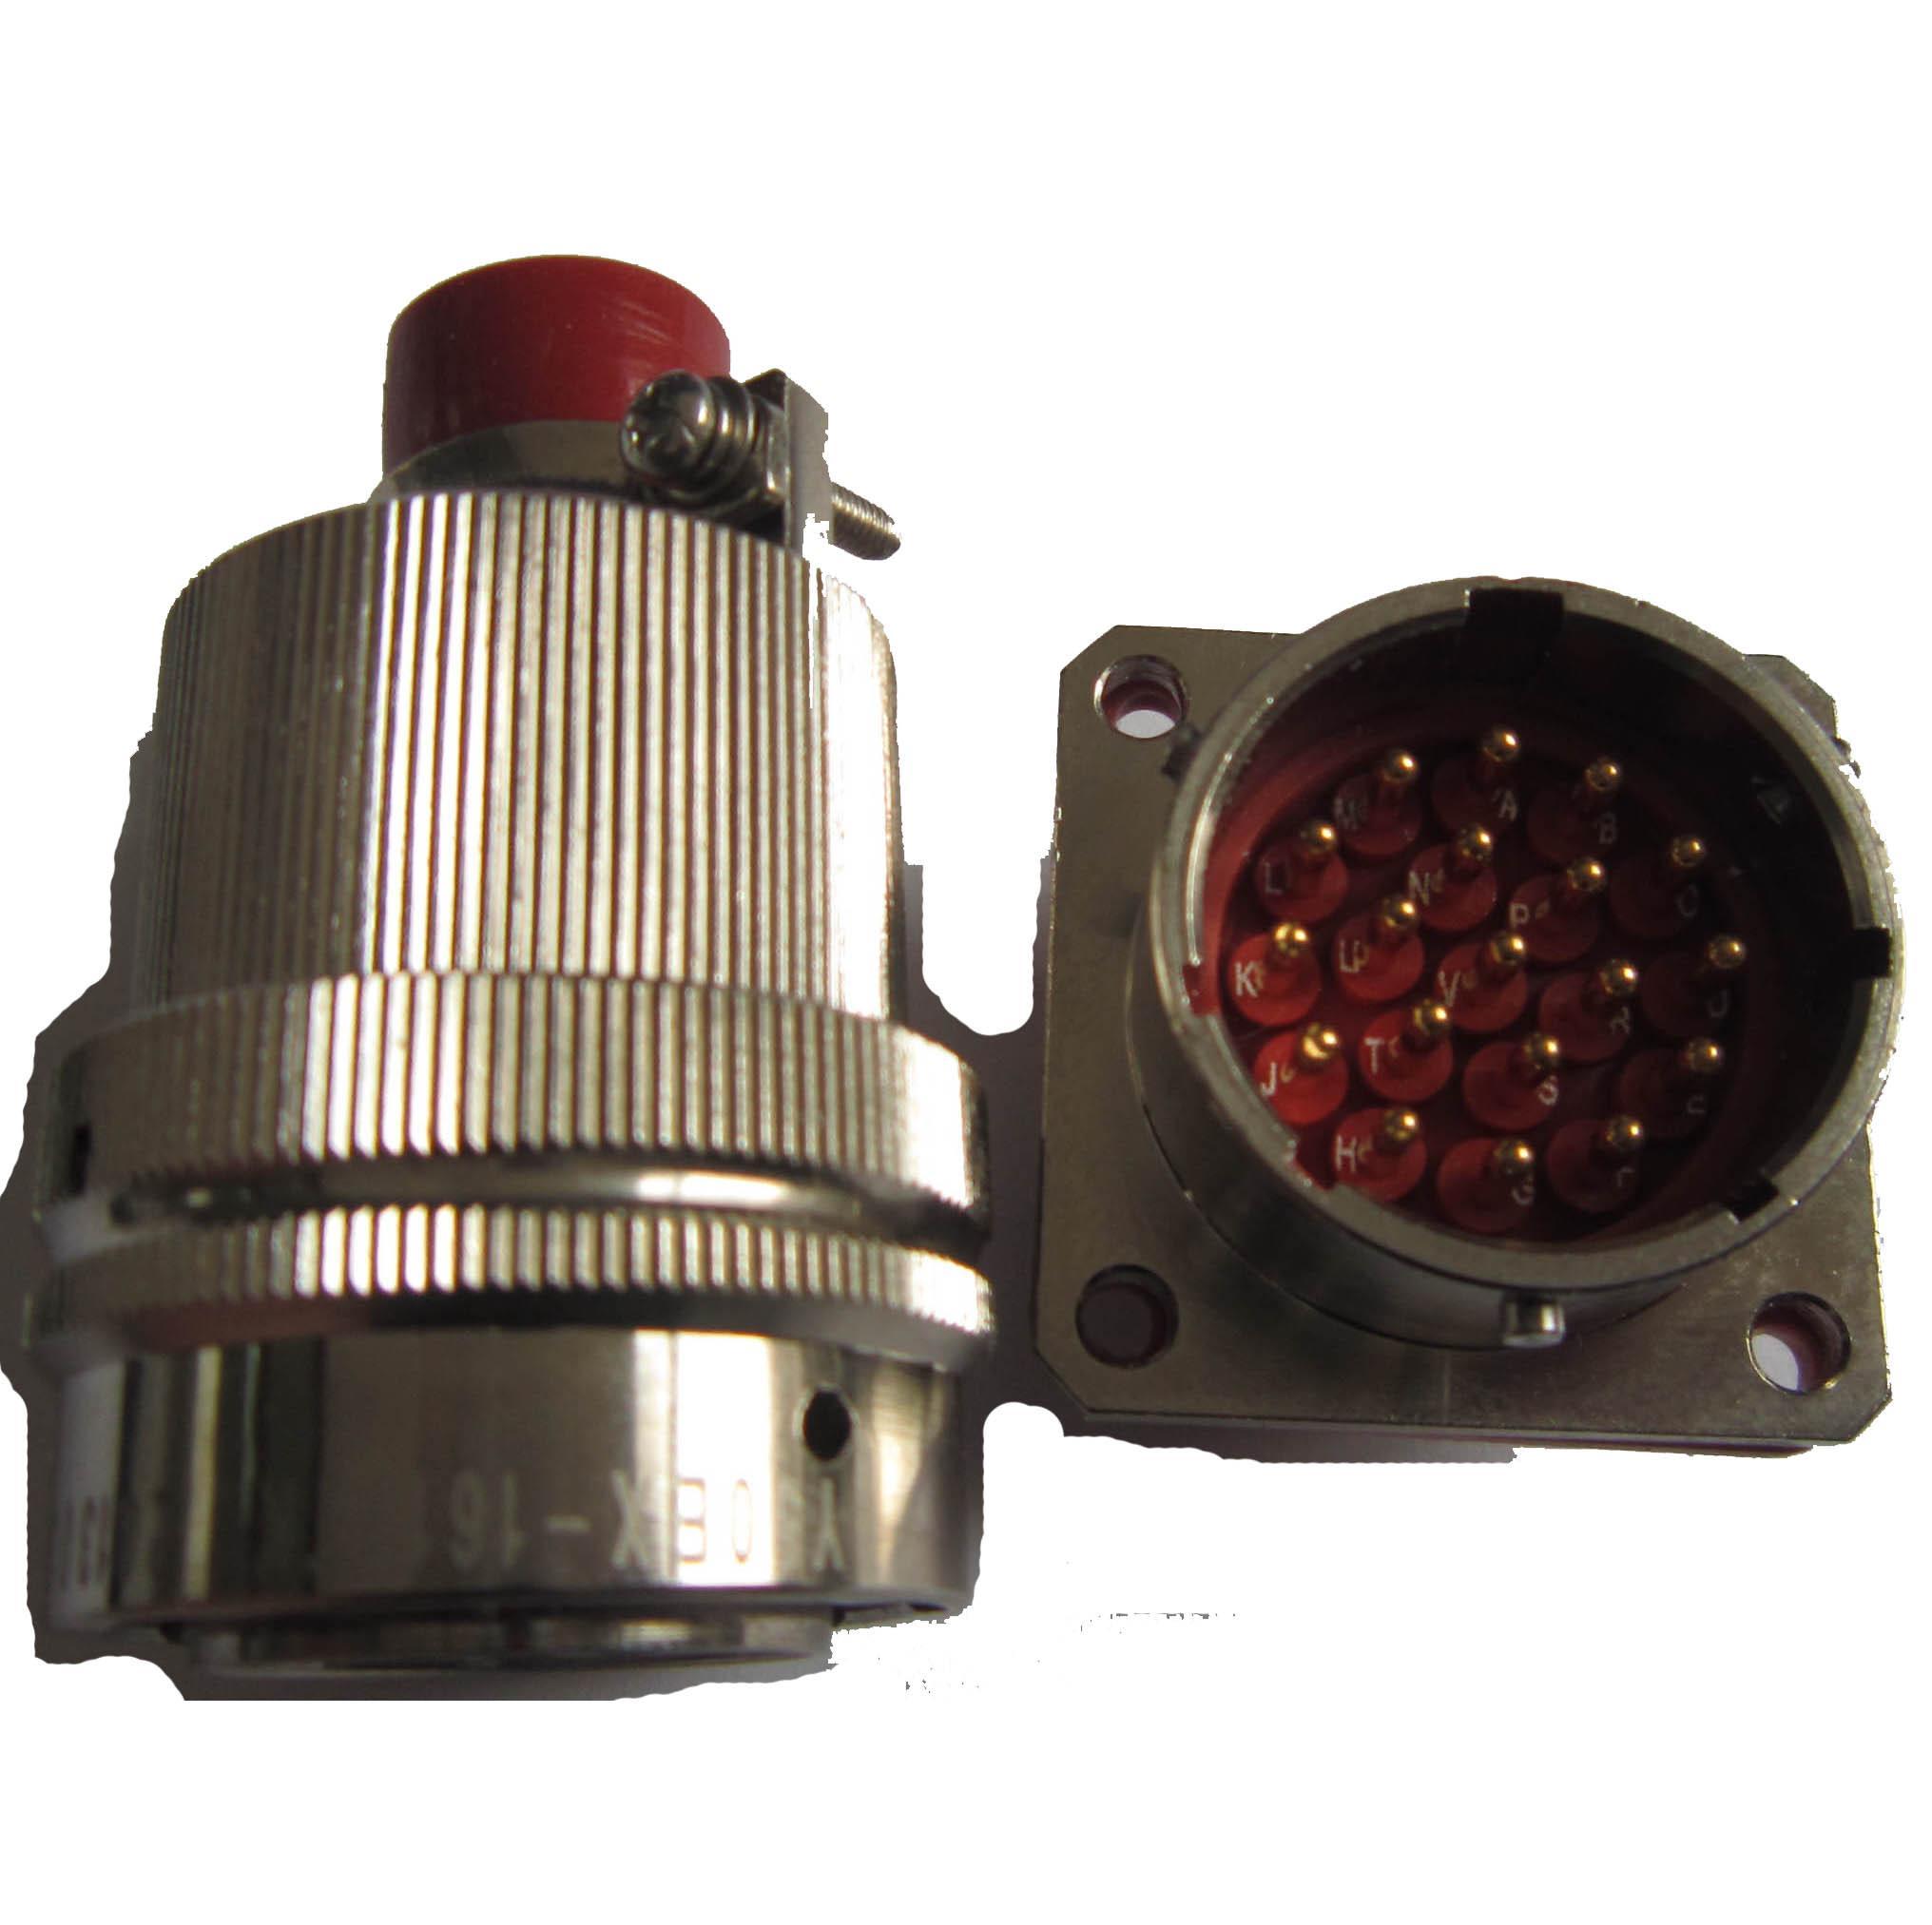 Y50EX-1626 Circular connectors as MIL-C-26482 series 5